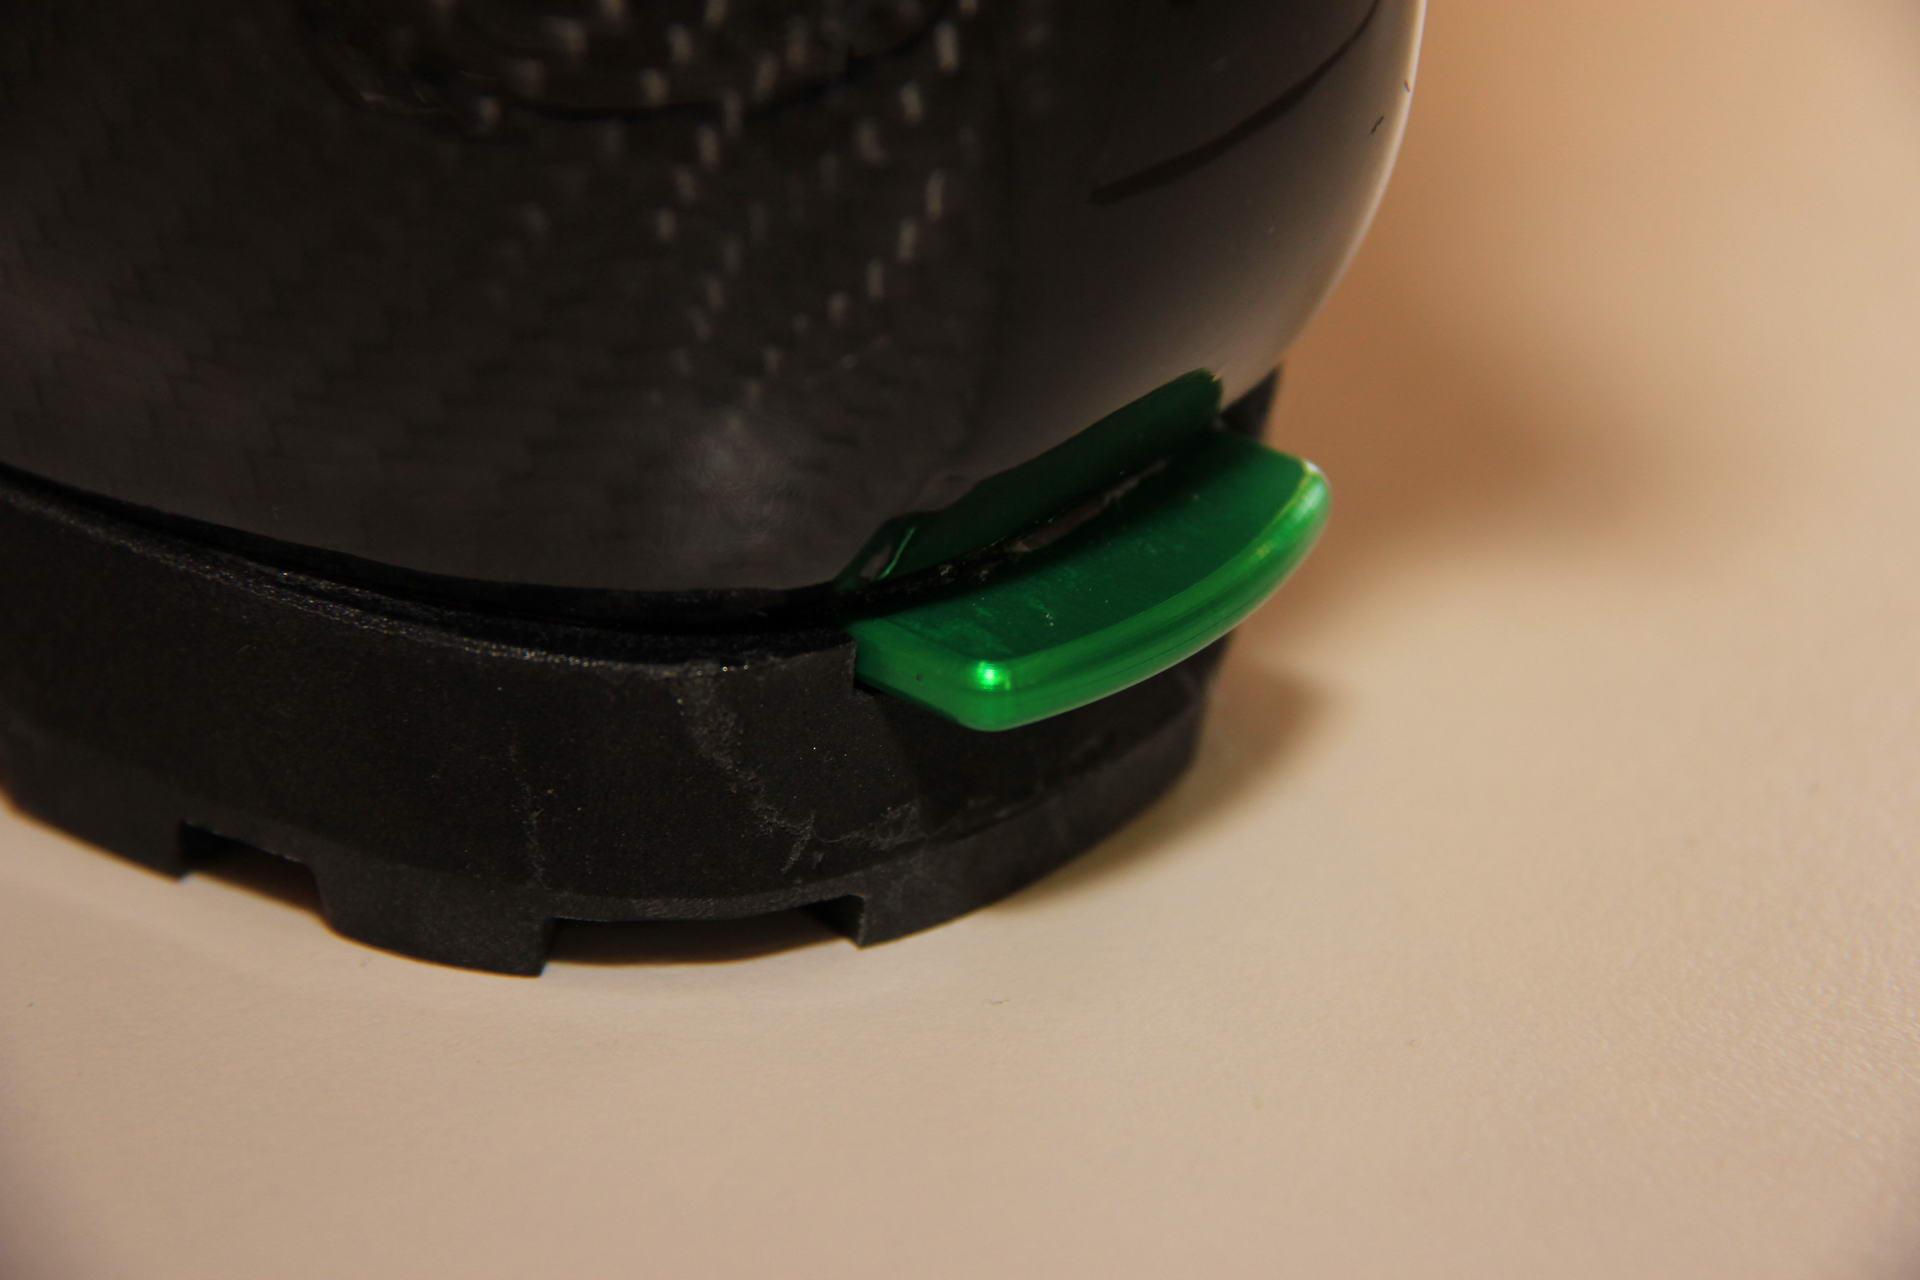 P49 hinterer Sporn zum Einstieg in die Bindung und gleichzeitig als Widerlager für Steigeisen.